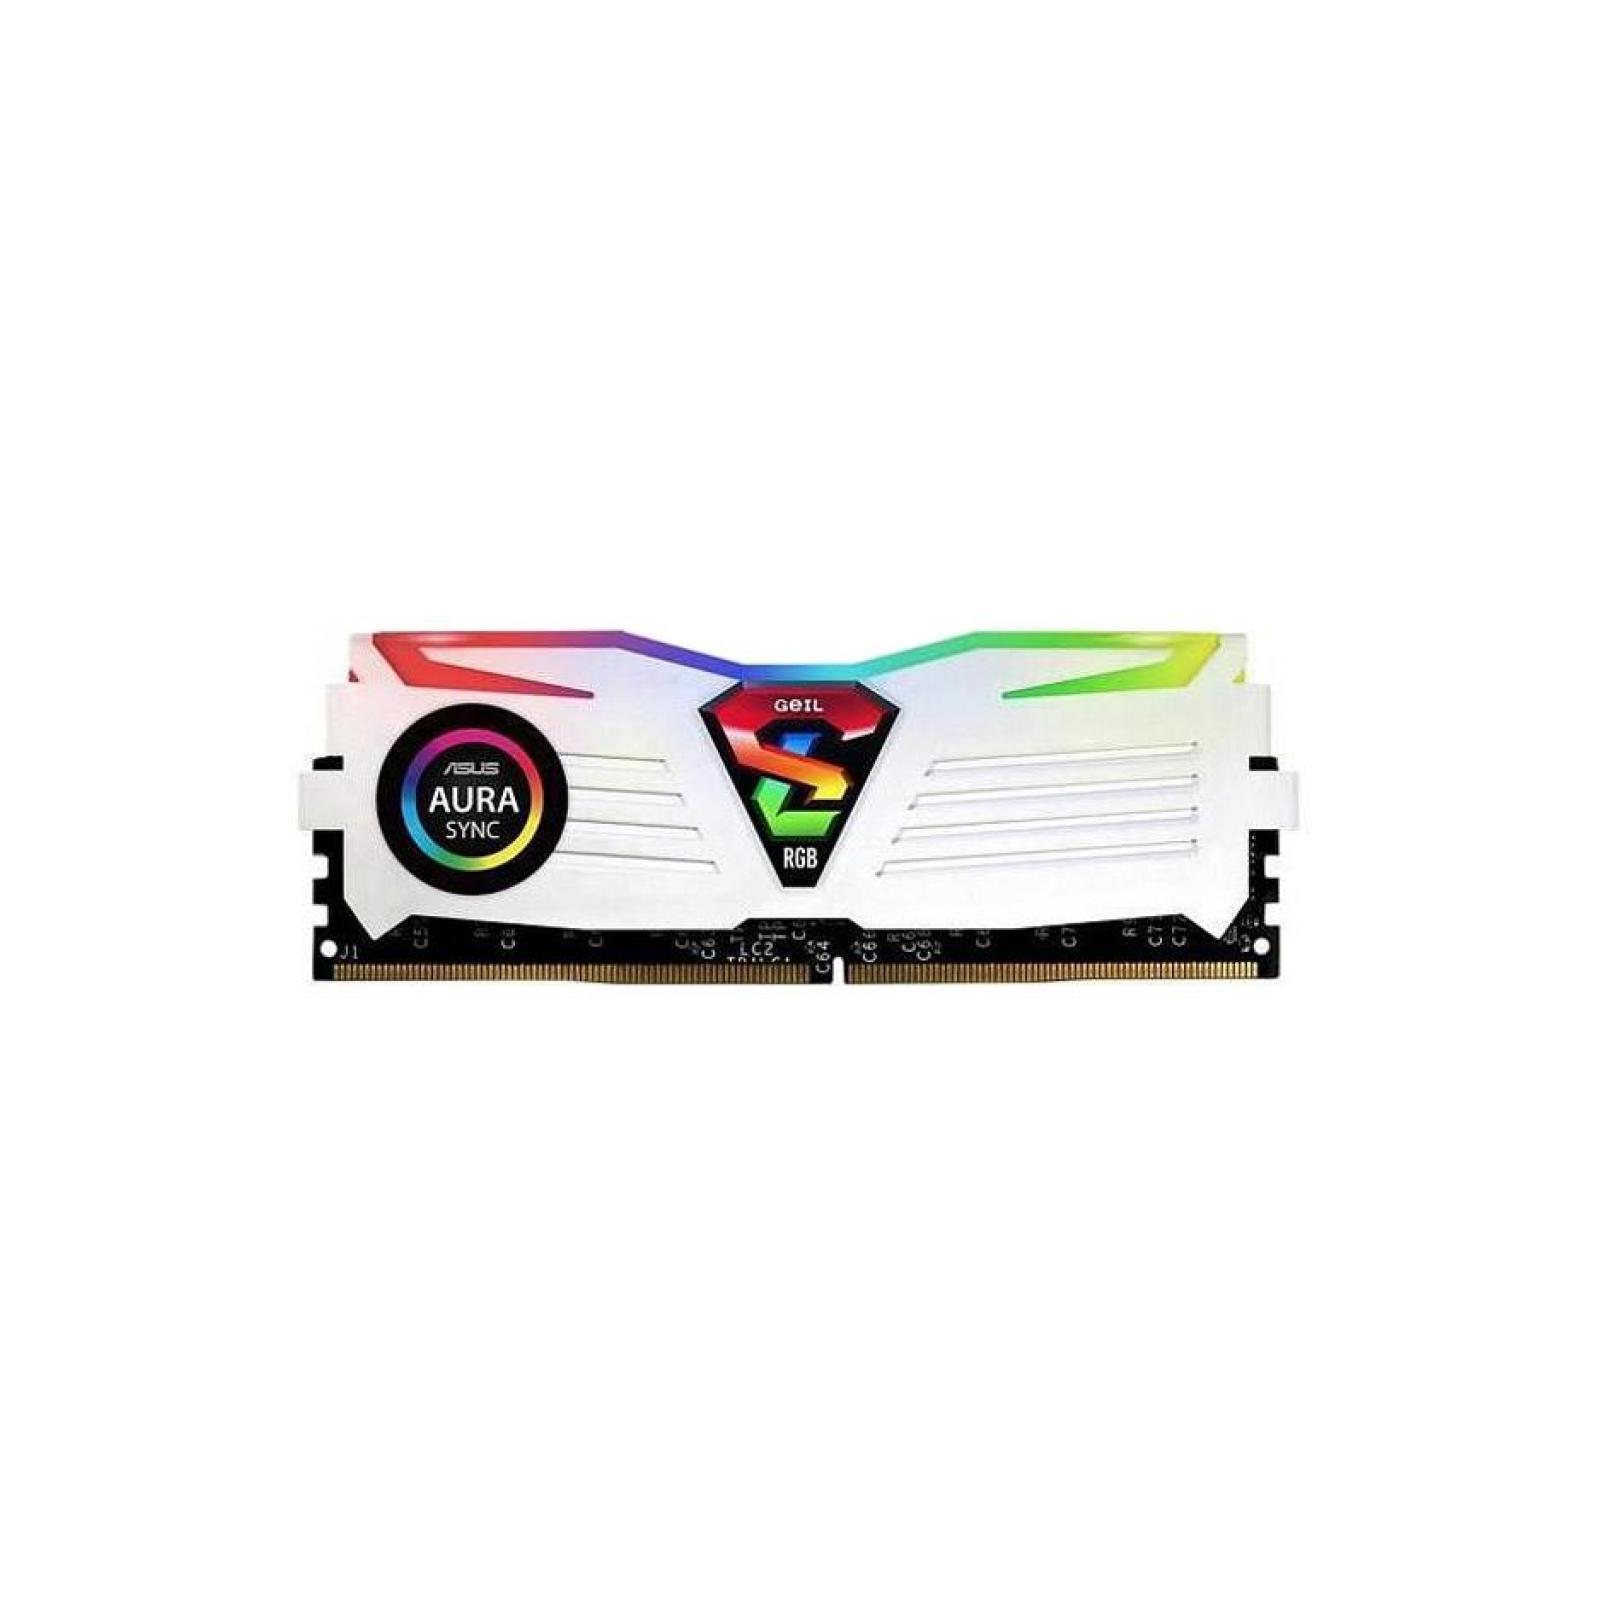 Модуль памяти для компьютера DDR4 8GB (2x4GB) 2666 MHz Super Luce RGB Sync White H Geil (GLWS48GB2666C16ADC) изображение 2